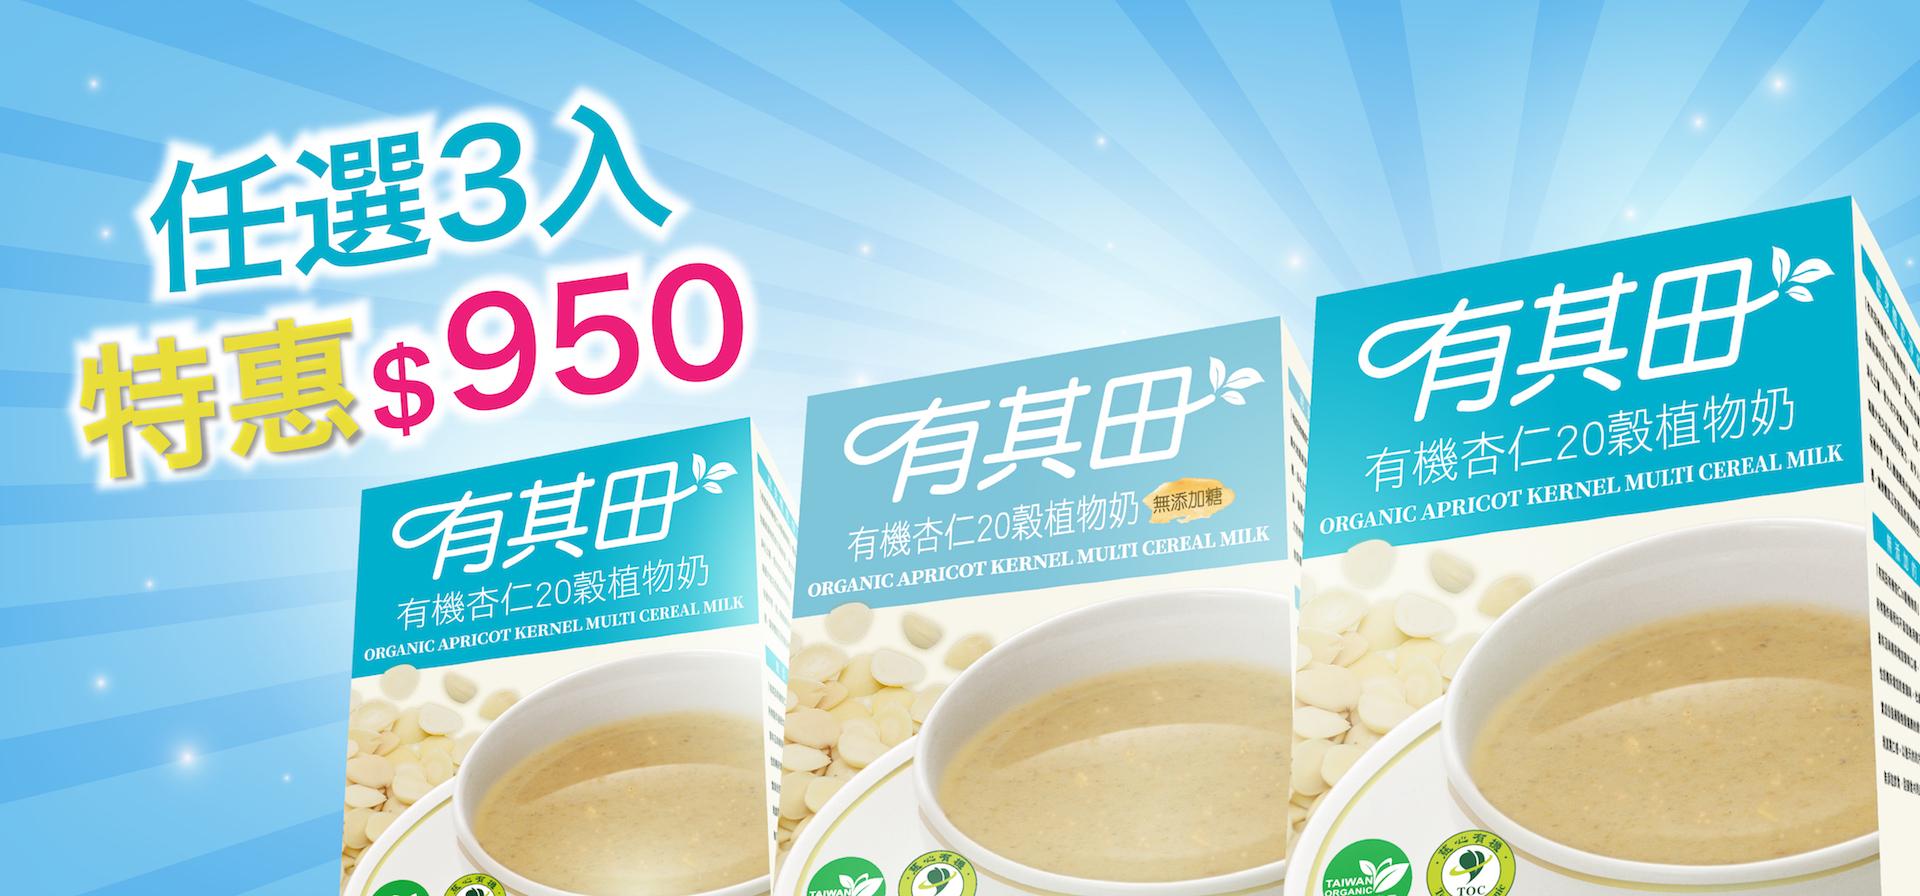 杏仁植物奶,任選3盒特價$950